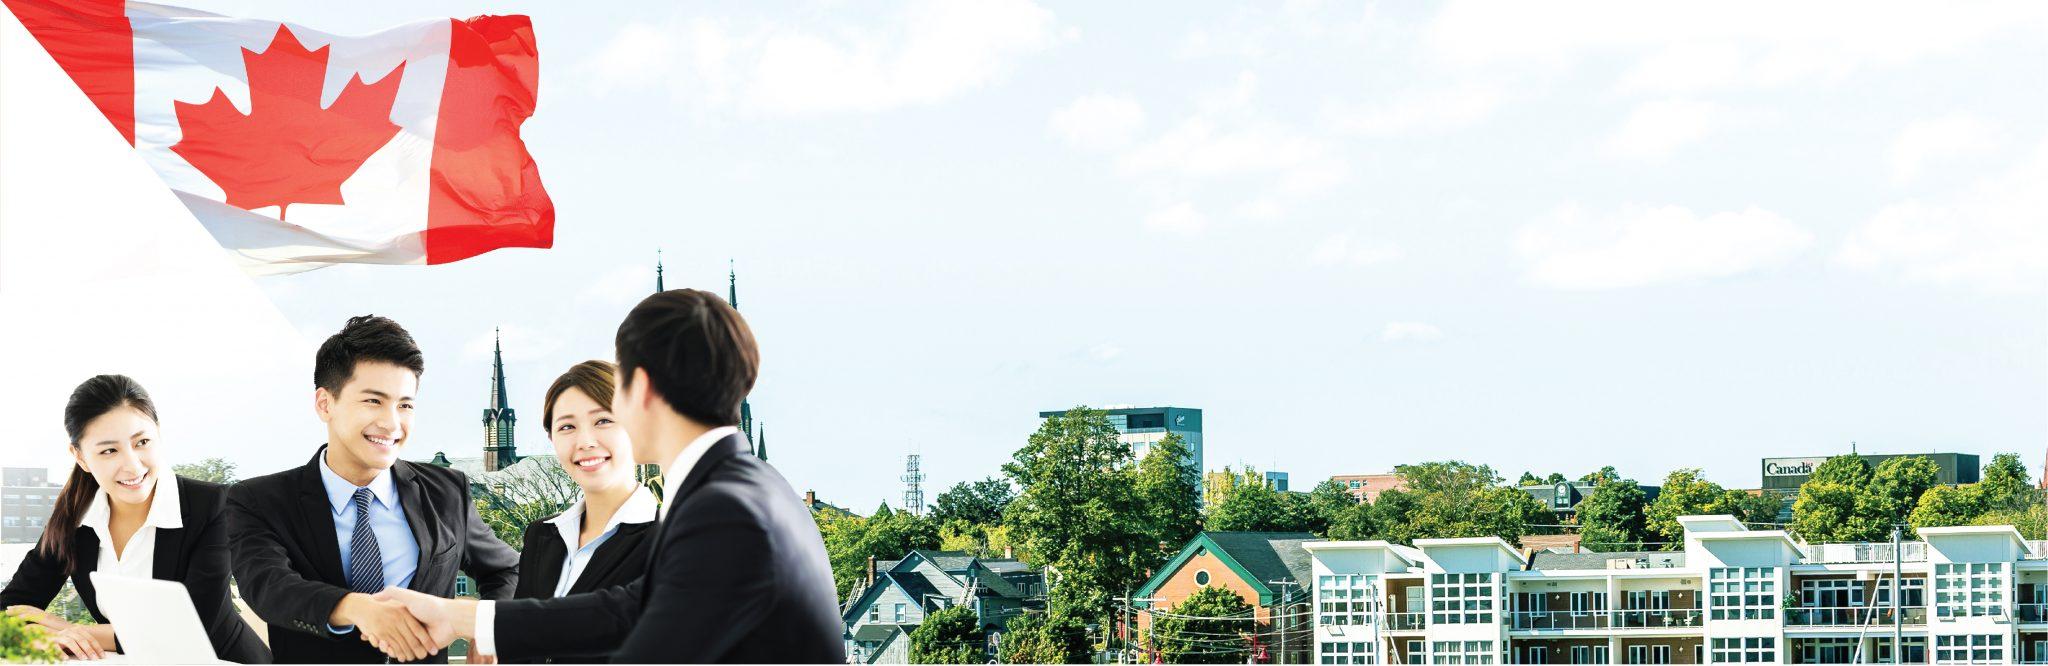 7 lợi thế của Đảo Hoàng Tử (PEI) - Cánh cửa rộng nhất để lấy thường trú Canada diện doanh nhân